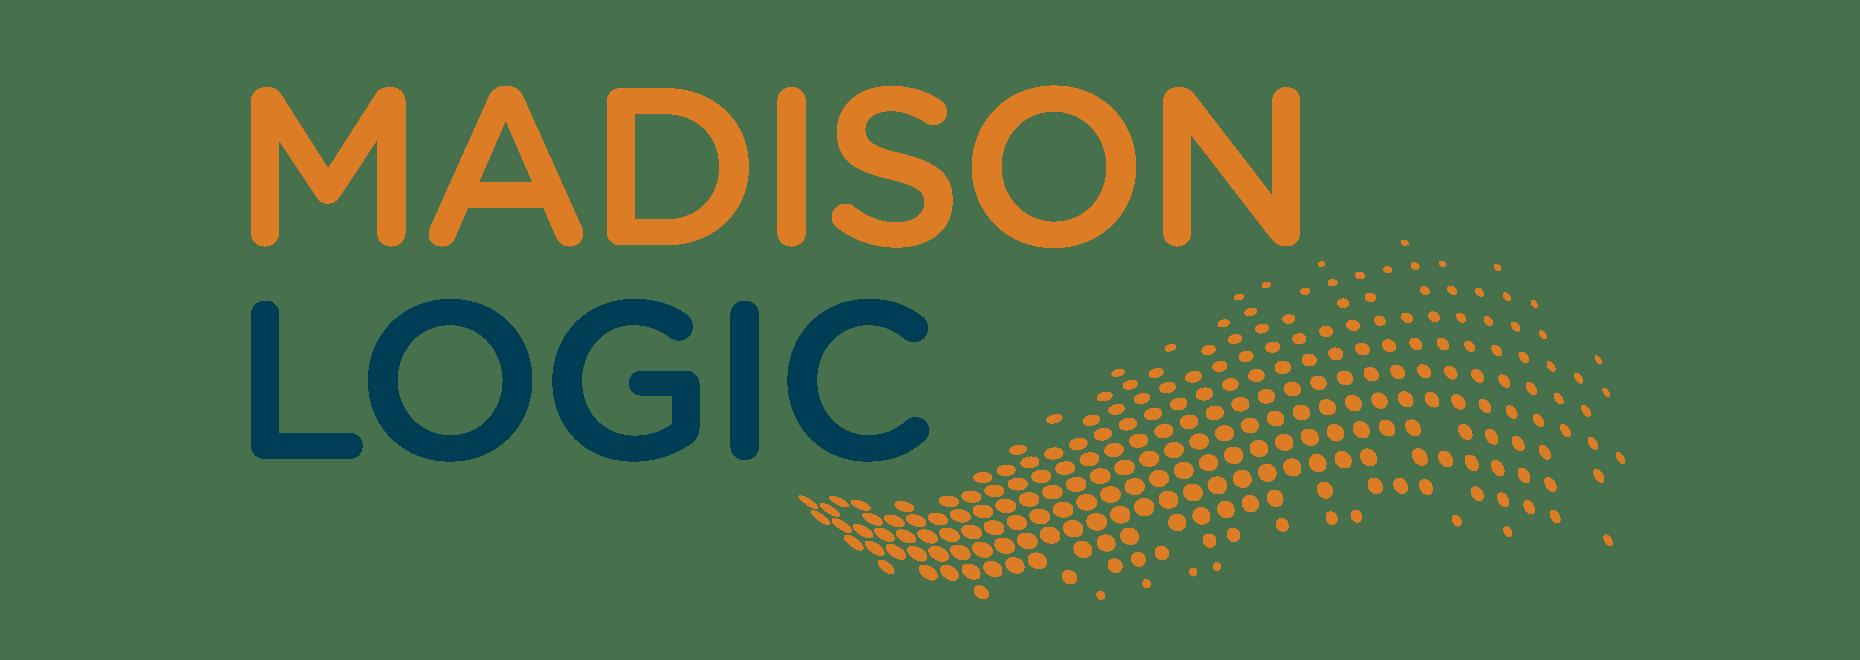 Madison Logic company logo